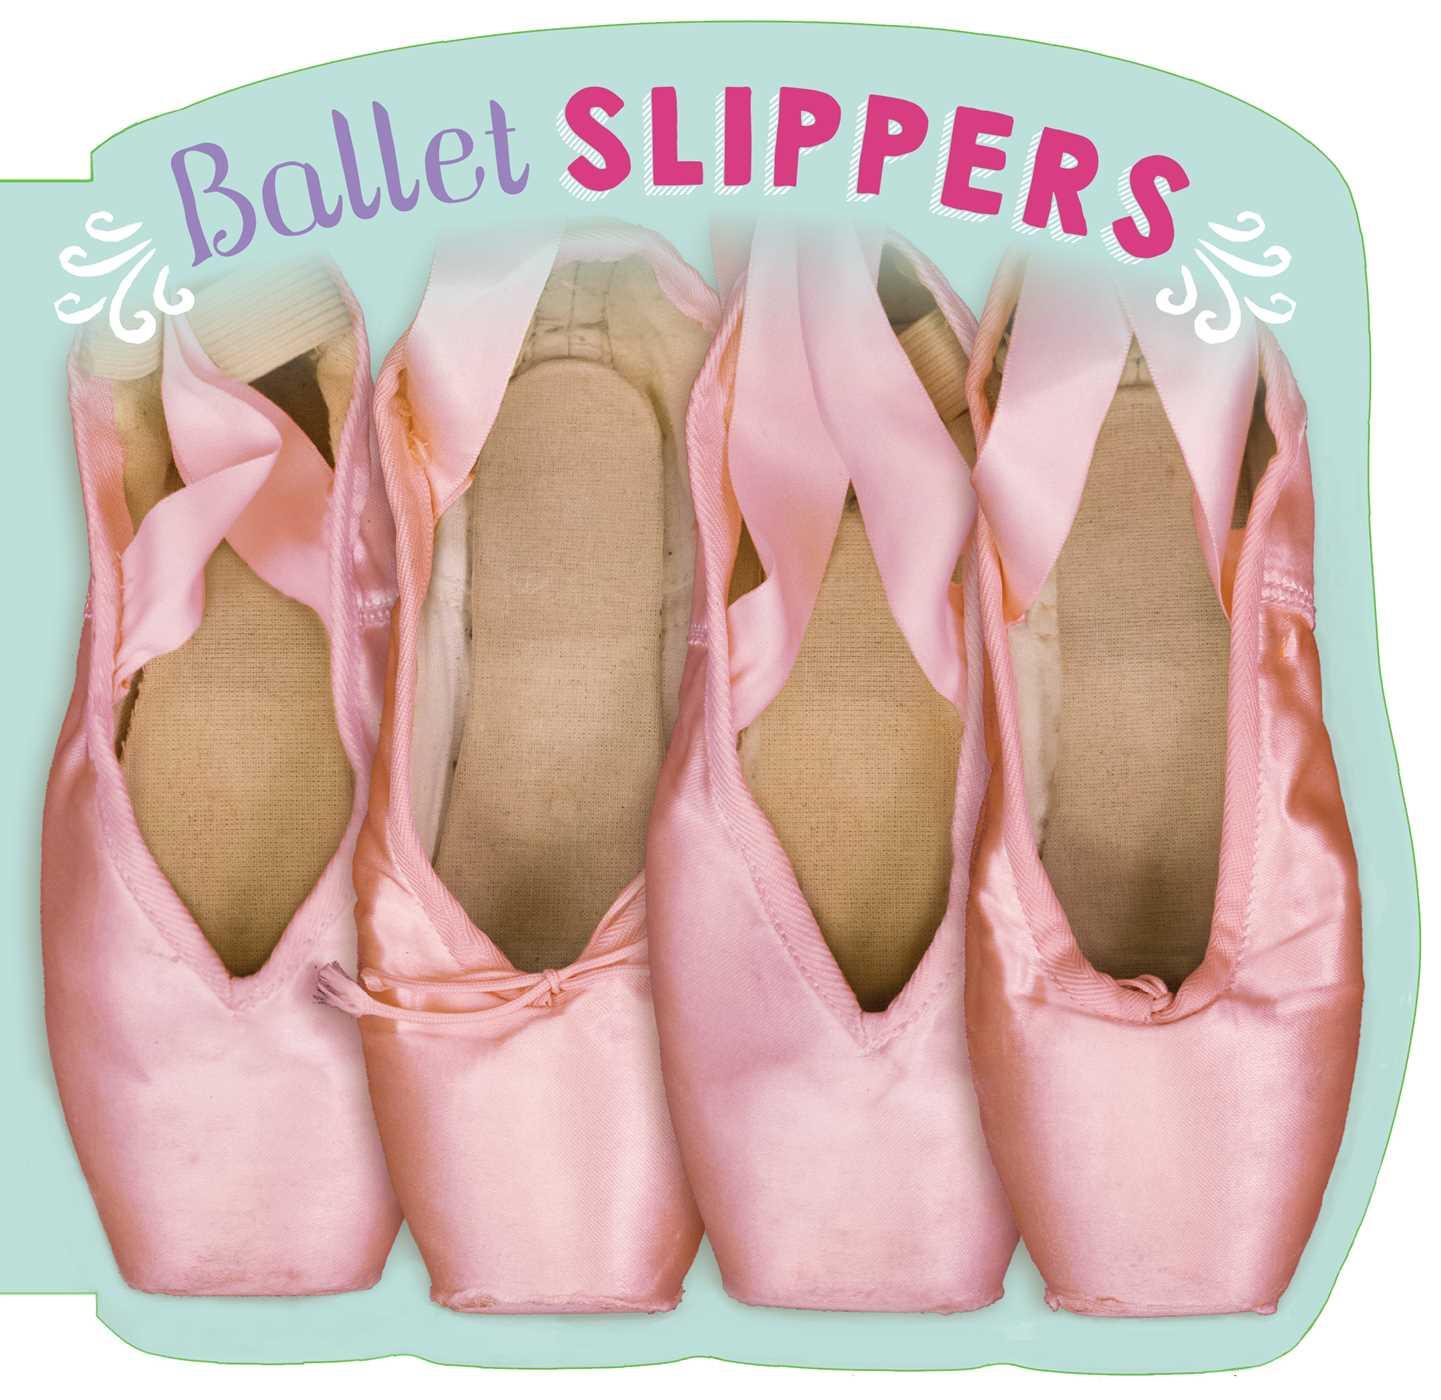 Ballet slippers 9781534422162 hr